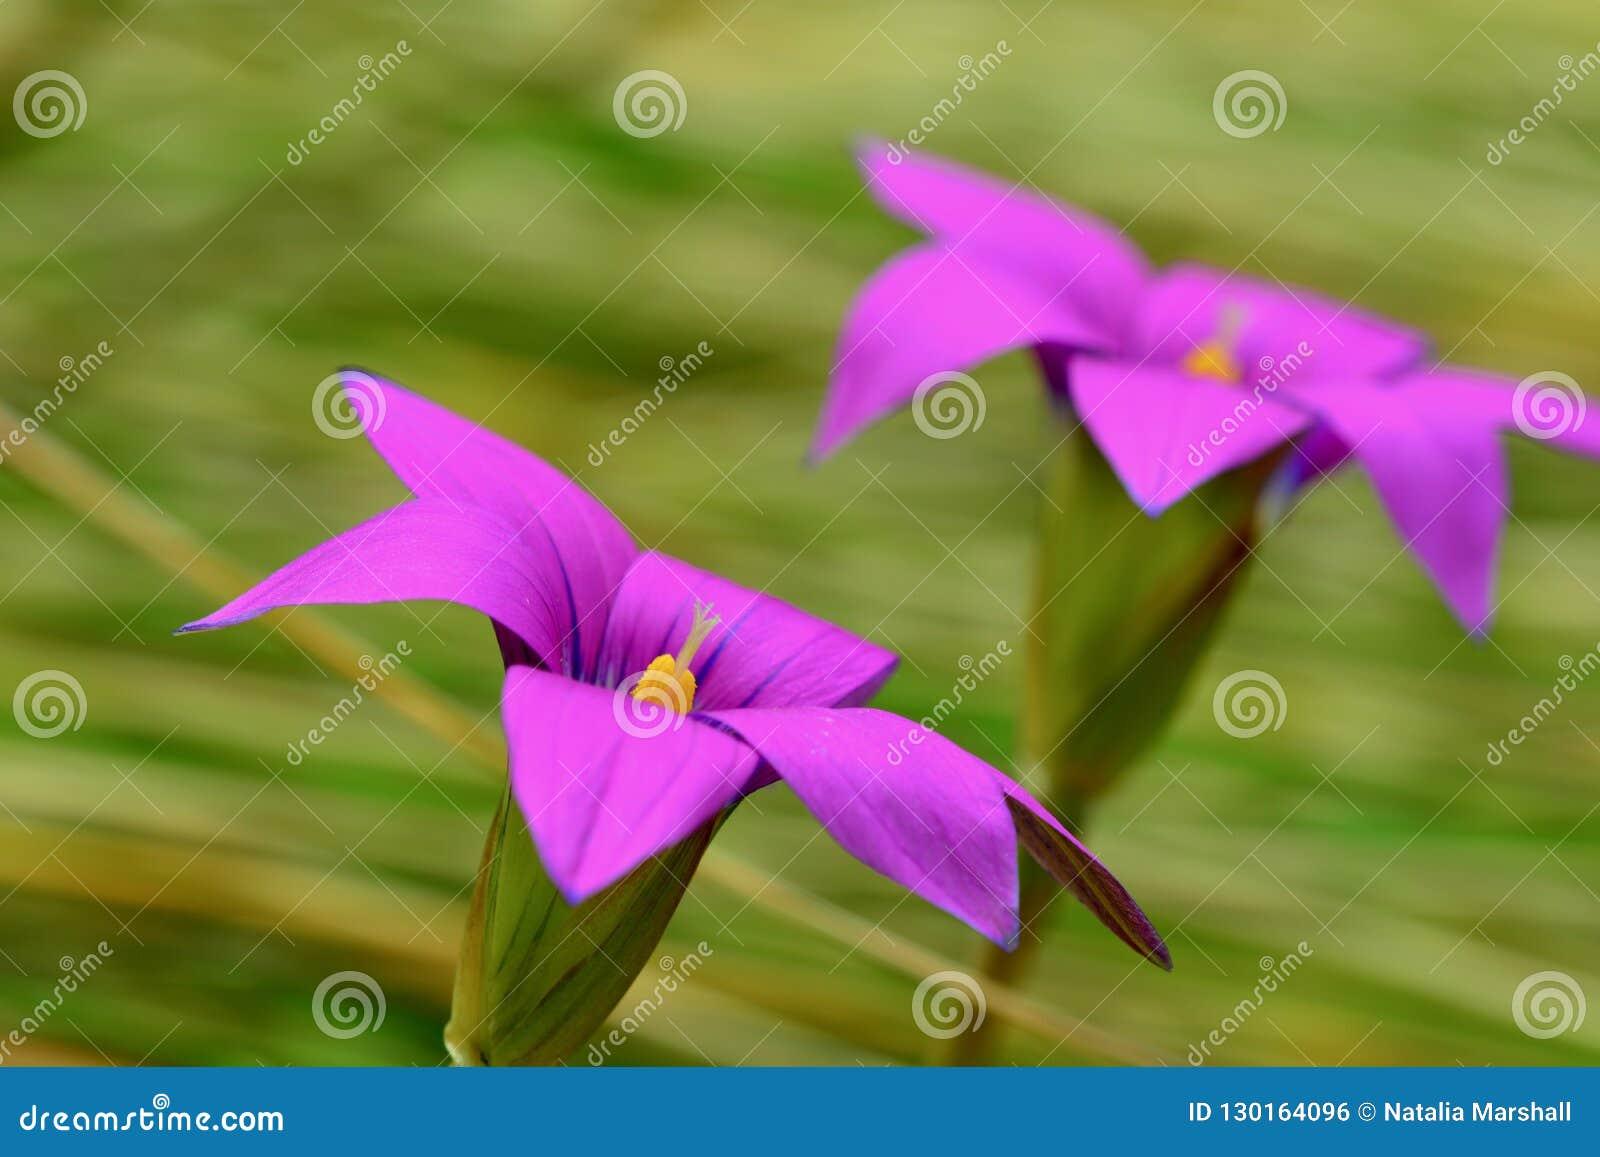 Foto Del Primer De Flores Púrpuras Hermosas En Fondo Verde Suave